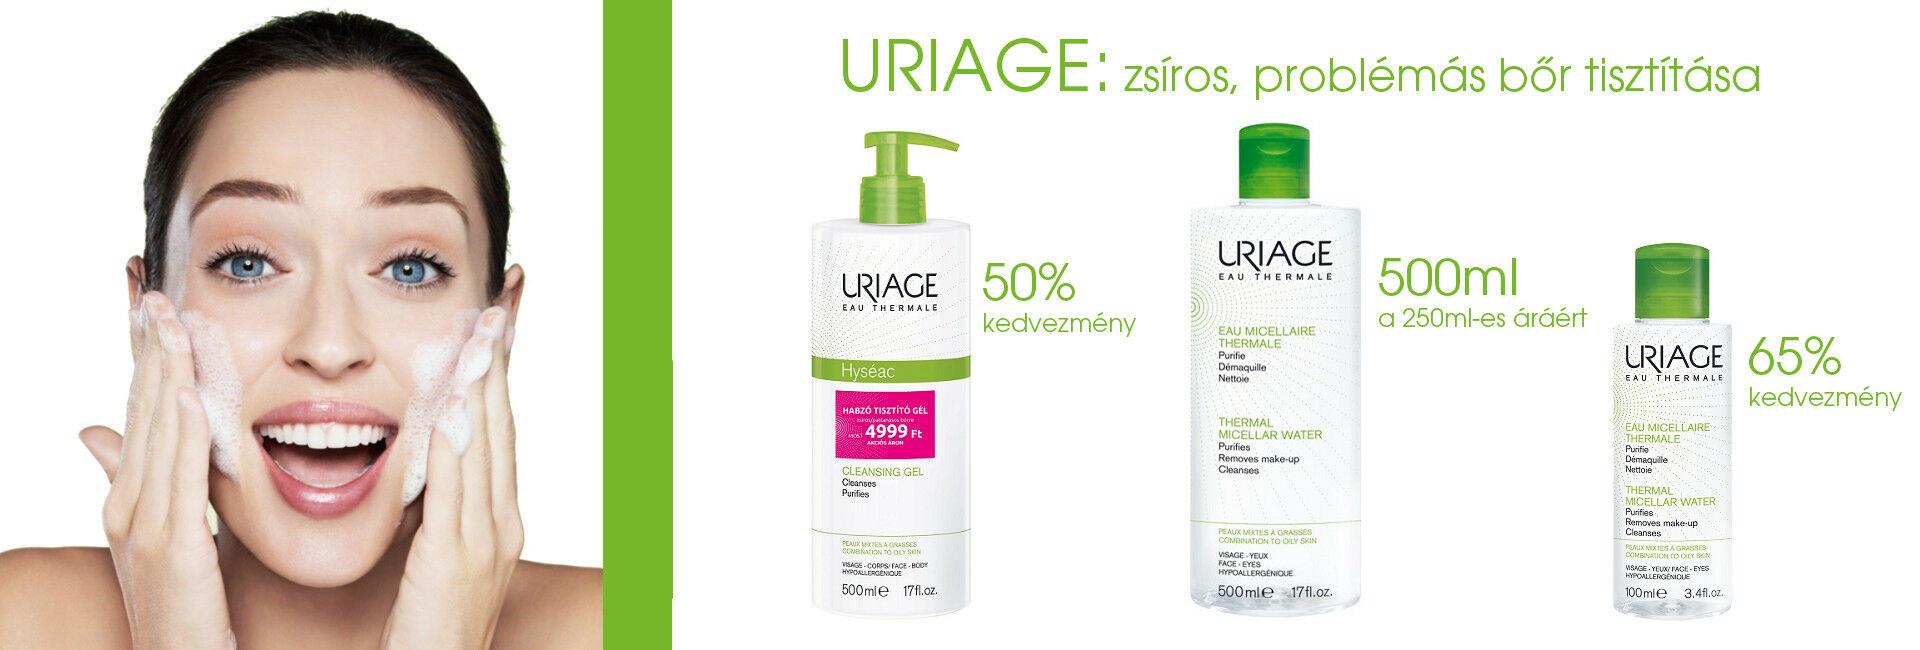 Zsíros, problémás bőr tisztítása Uriage termékekkel akár 65% kedvezménnyel!